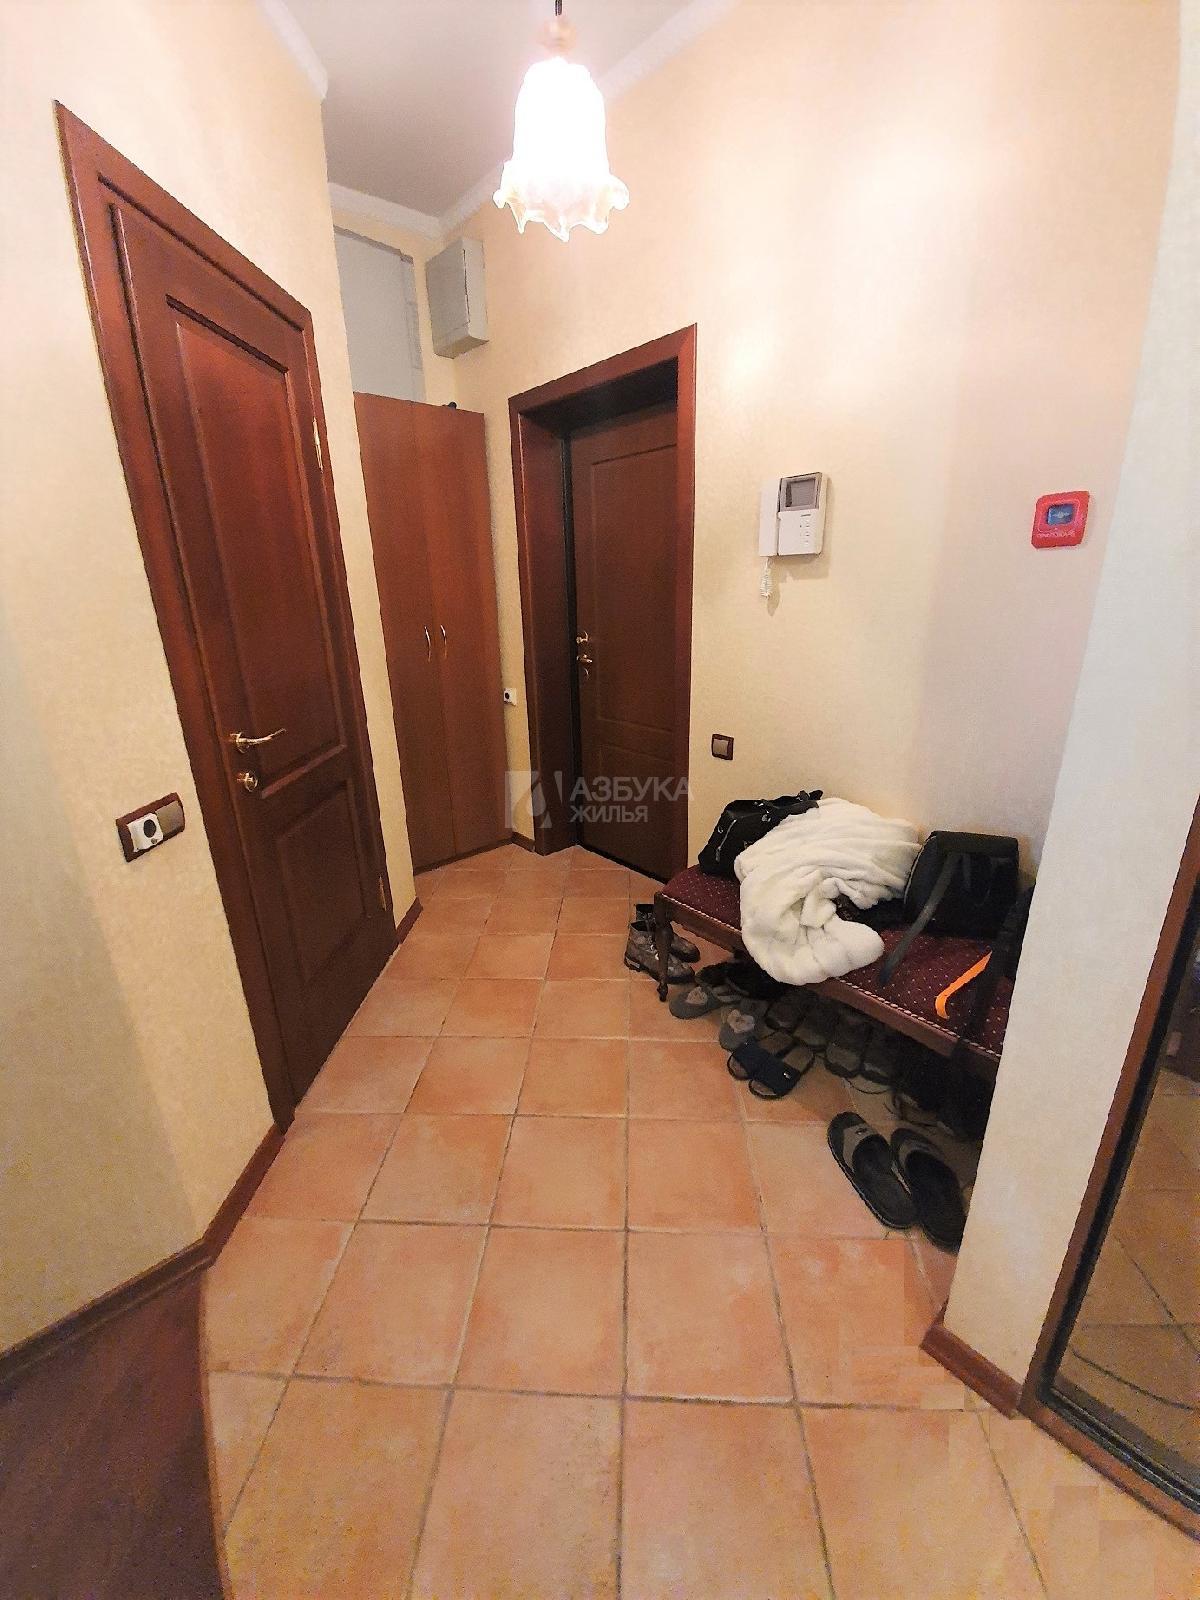 Фото №3 - 4-комнатная квартира, Москва, Авиаконструктора Микояна улица 14 корпус 2, метро ЦСКА